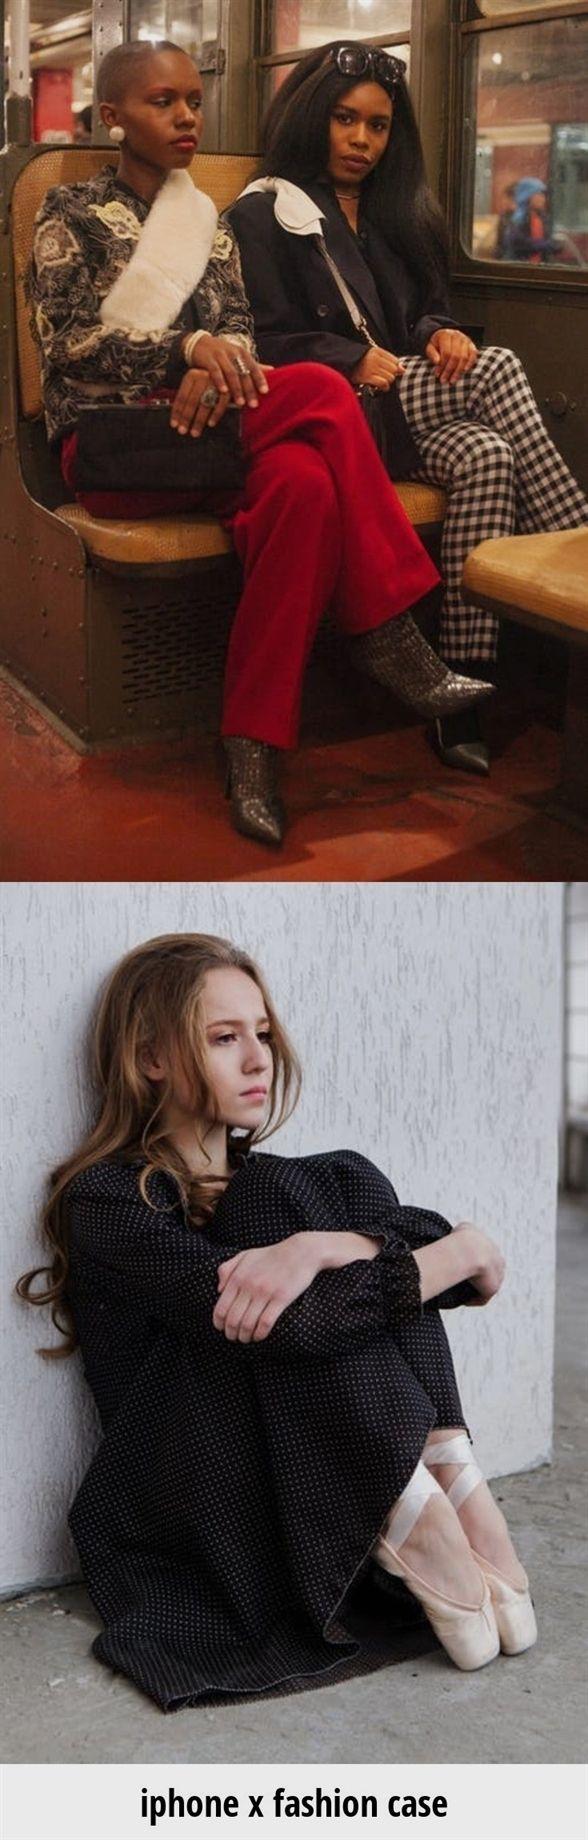 Iphone X Fashion Case 139 20181030081724 56 Fashion Nova Try On Haul Dresses Fashion Movie Songs Download F Fashion Career Fashion Fashion Clothes Women